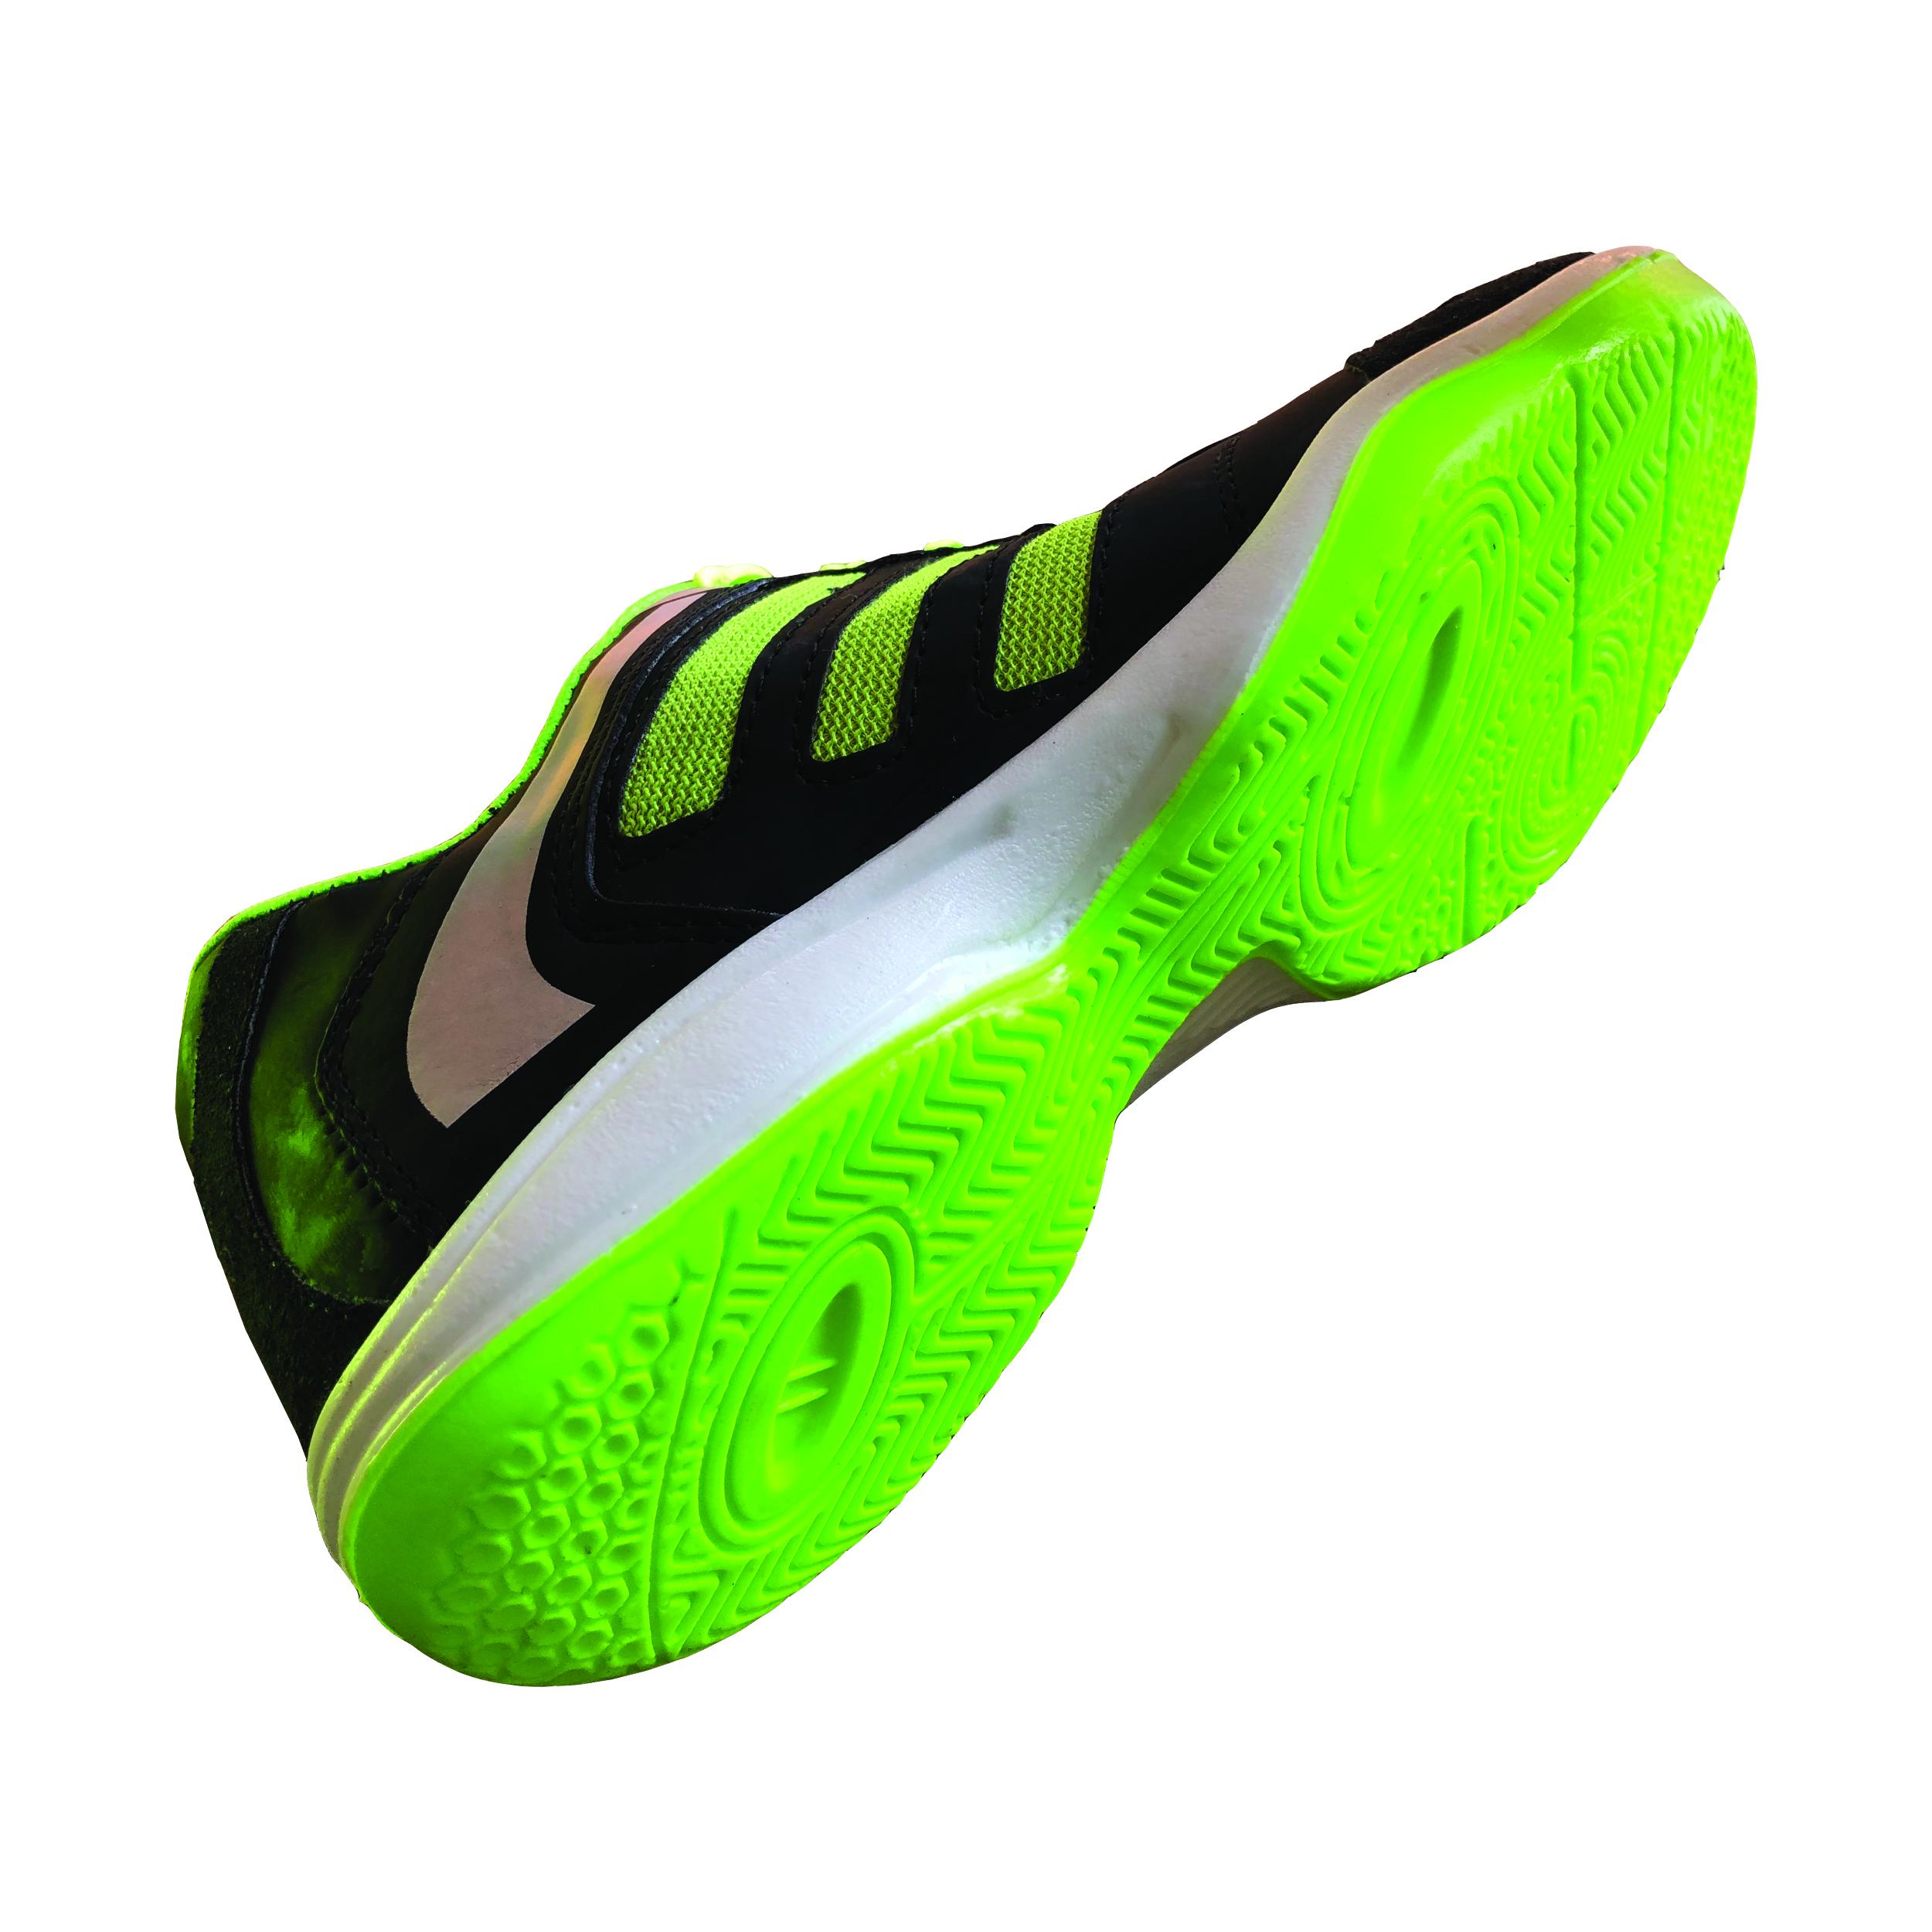 خرید و قیمت                                       کفش فوتسال مردانه مدل سالا کد A004                     غیر اصل